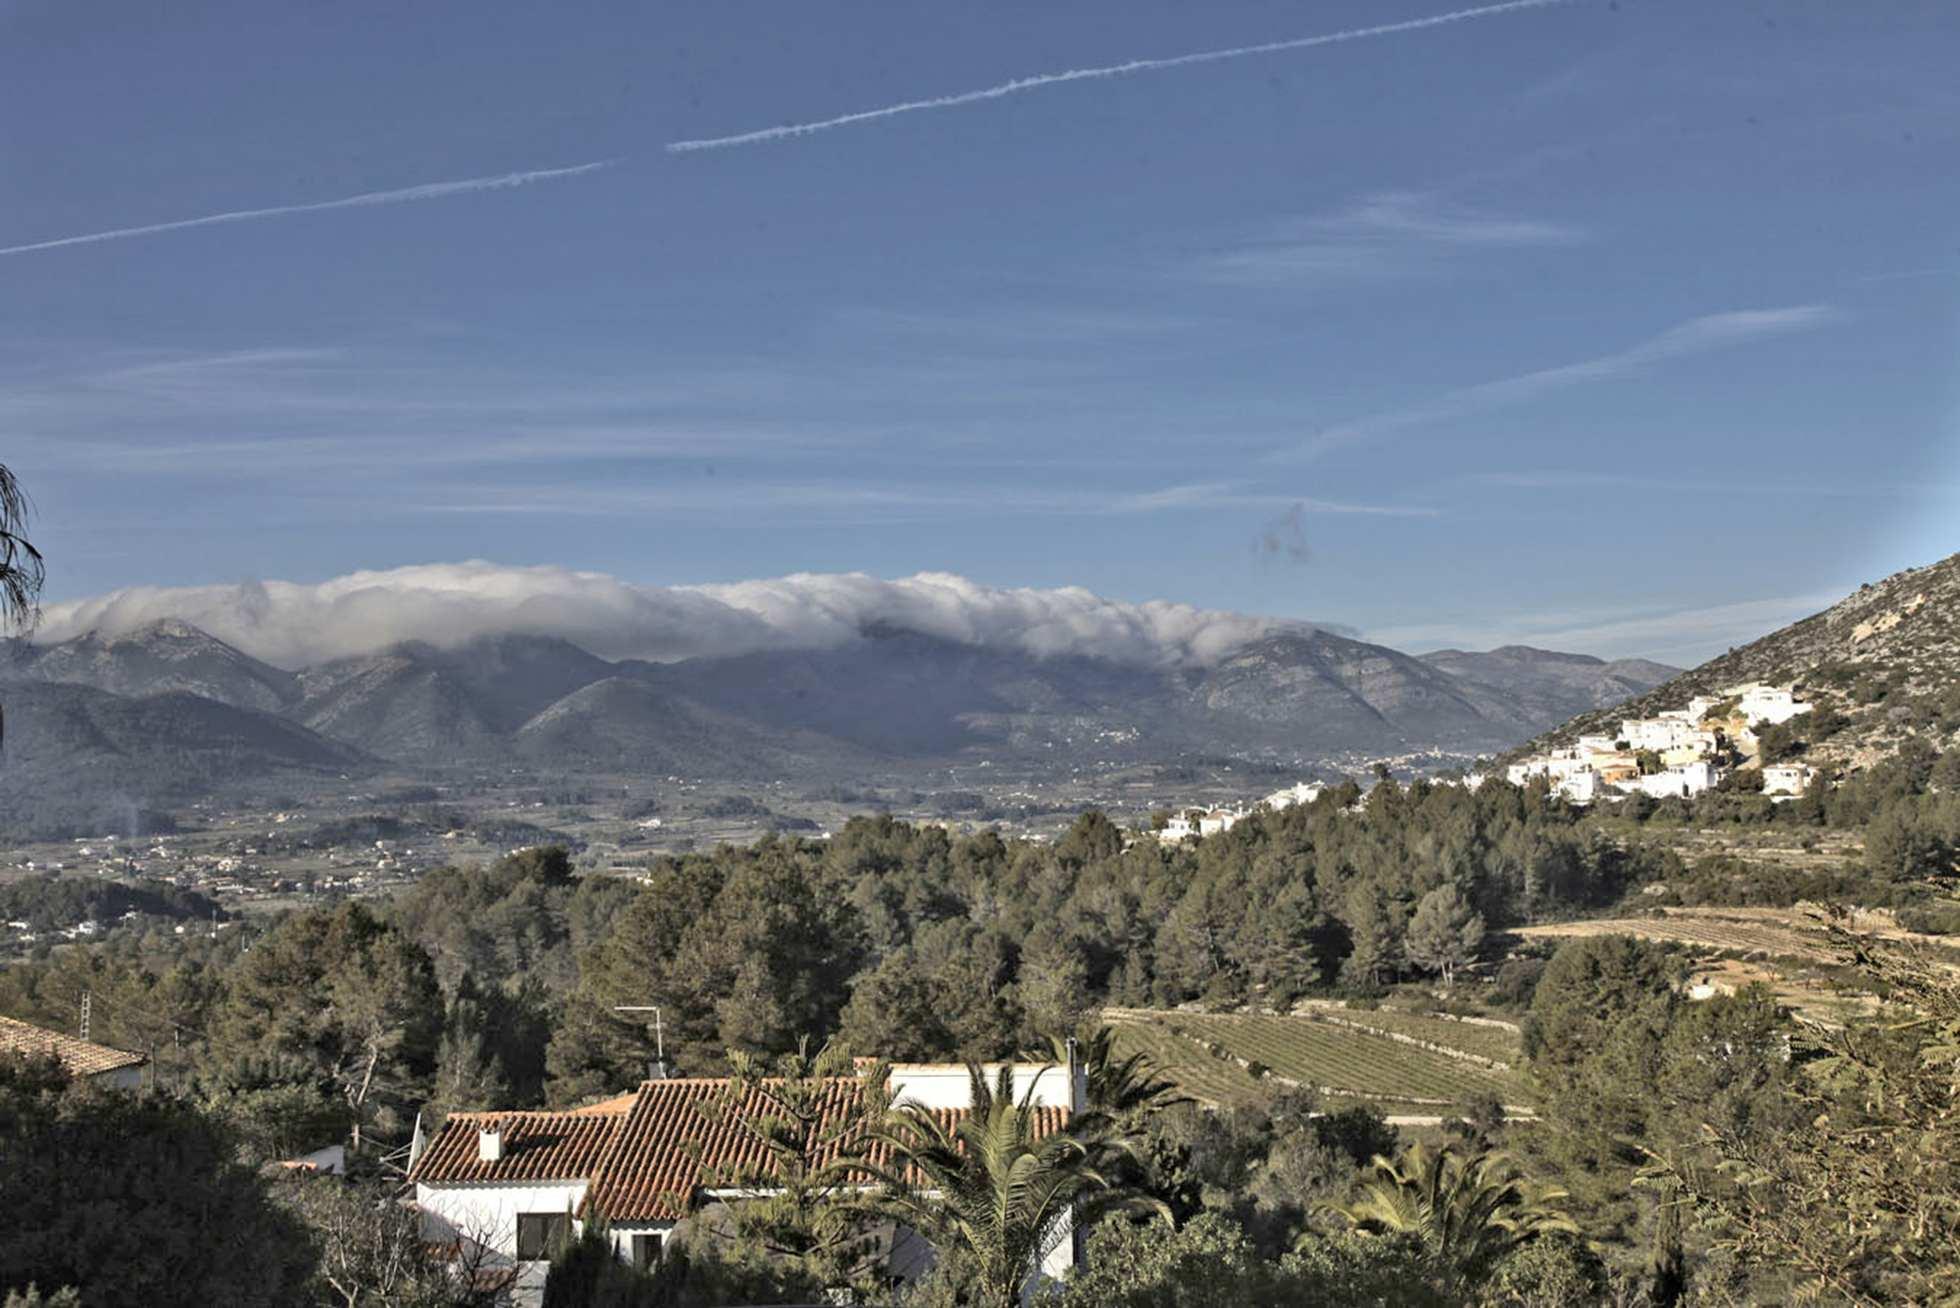 Fotogalería - 18 - GIO Inmobiliaria & Construcciones en Alcalali y Vall de Pop